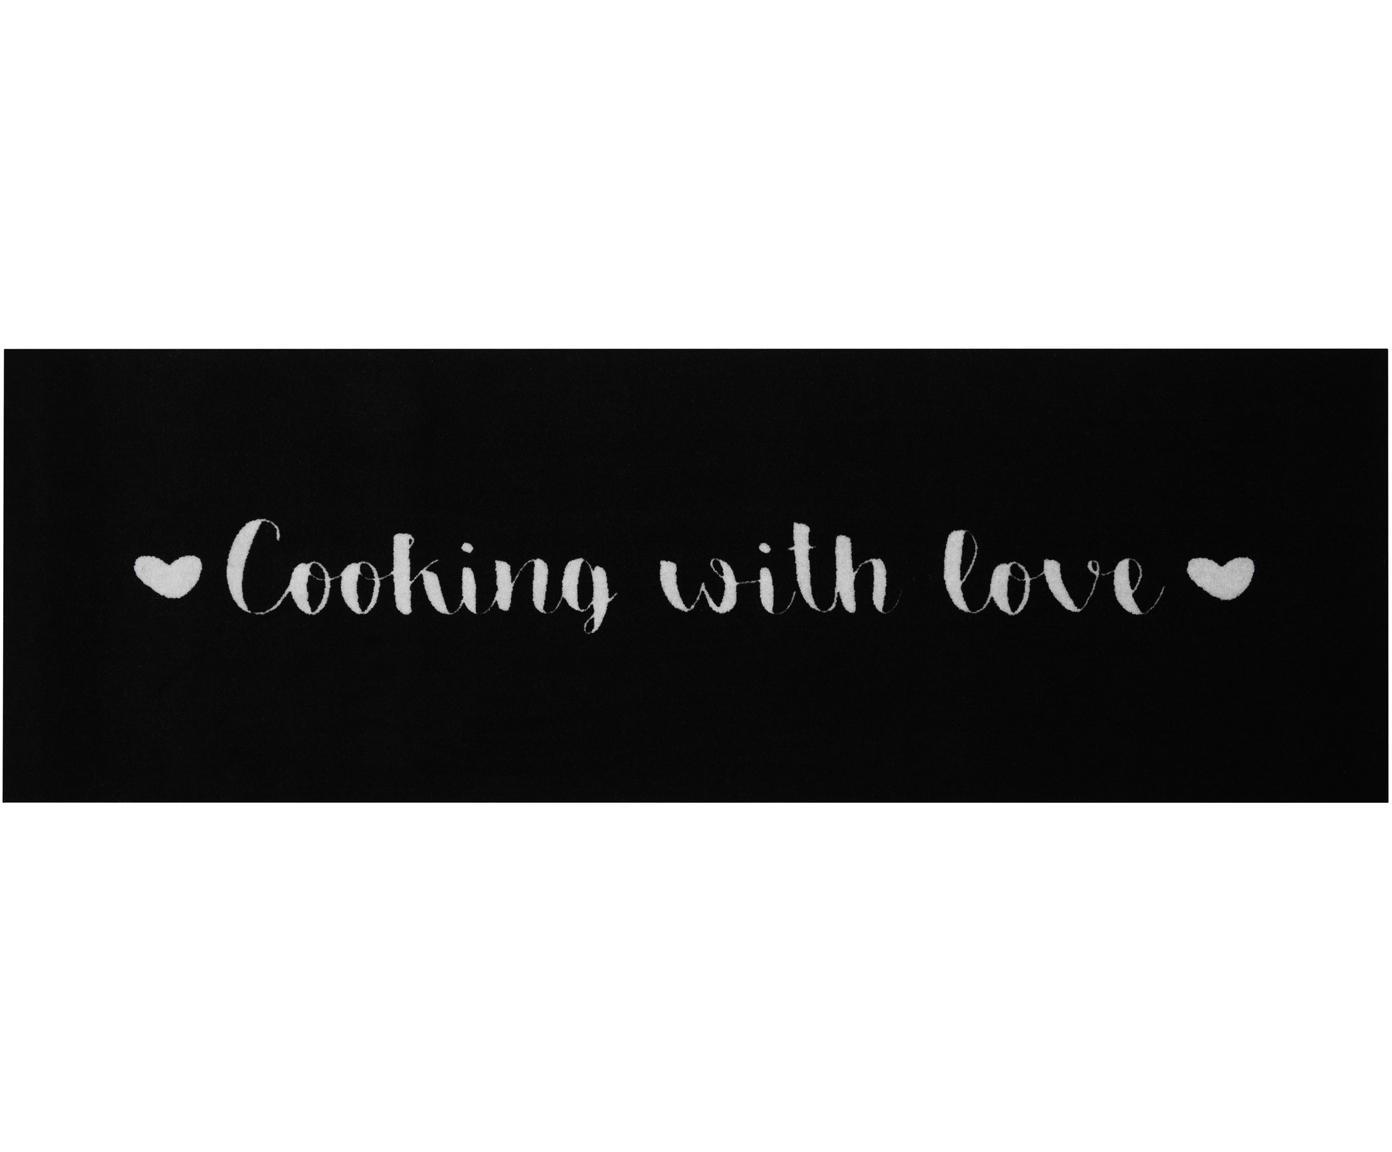 Wasbare keukenloper Cooking with Love, antislip, Onderzijde: rubber, Wit met zwarte vlekken, 50 x 150 cm